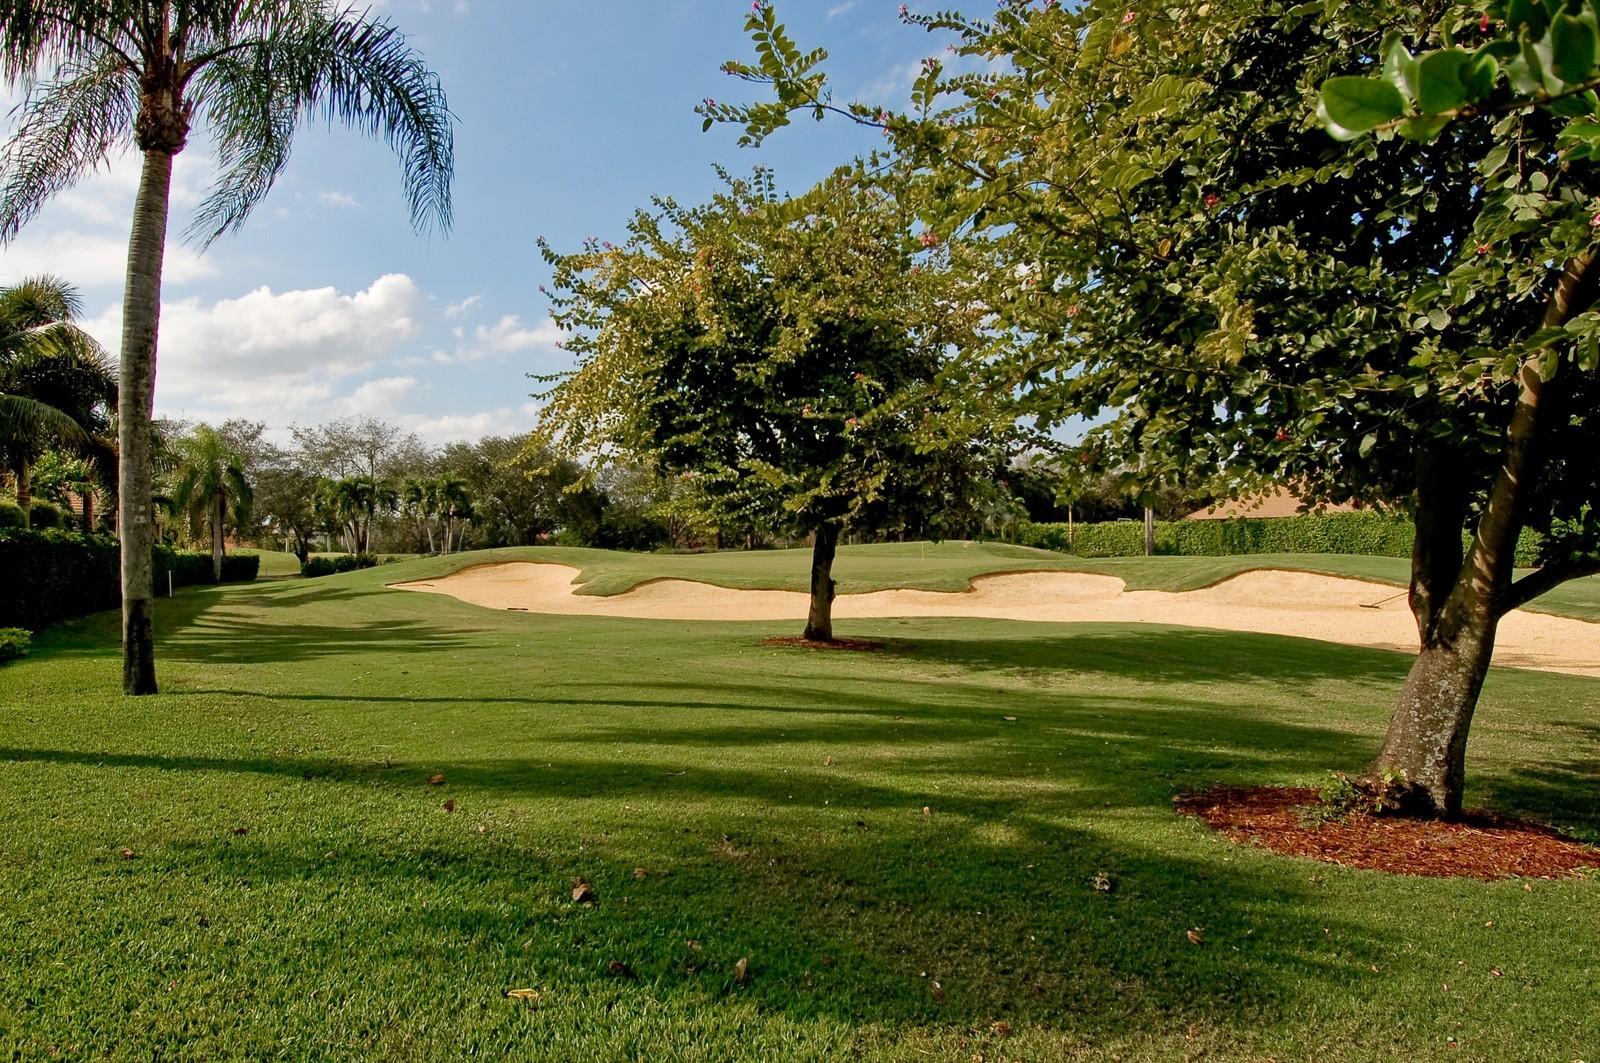 Real Estate Photography - 7339 Mandarin, Boca Raton, FL, 33433 - Golf Course